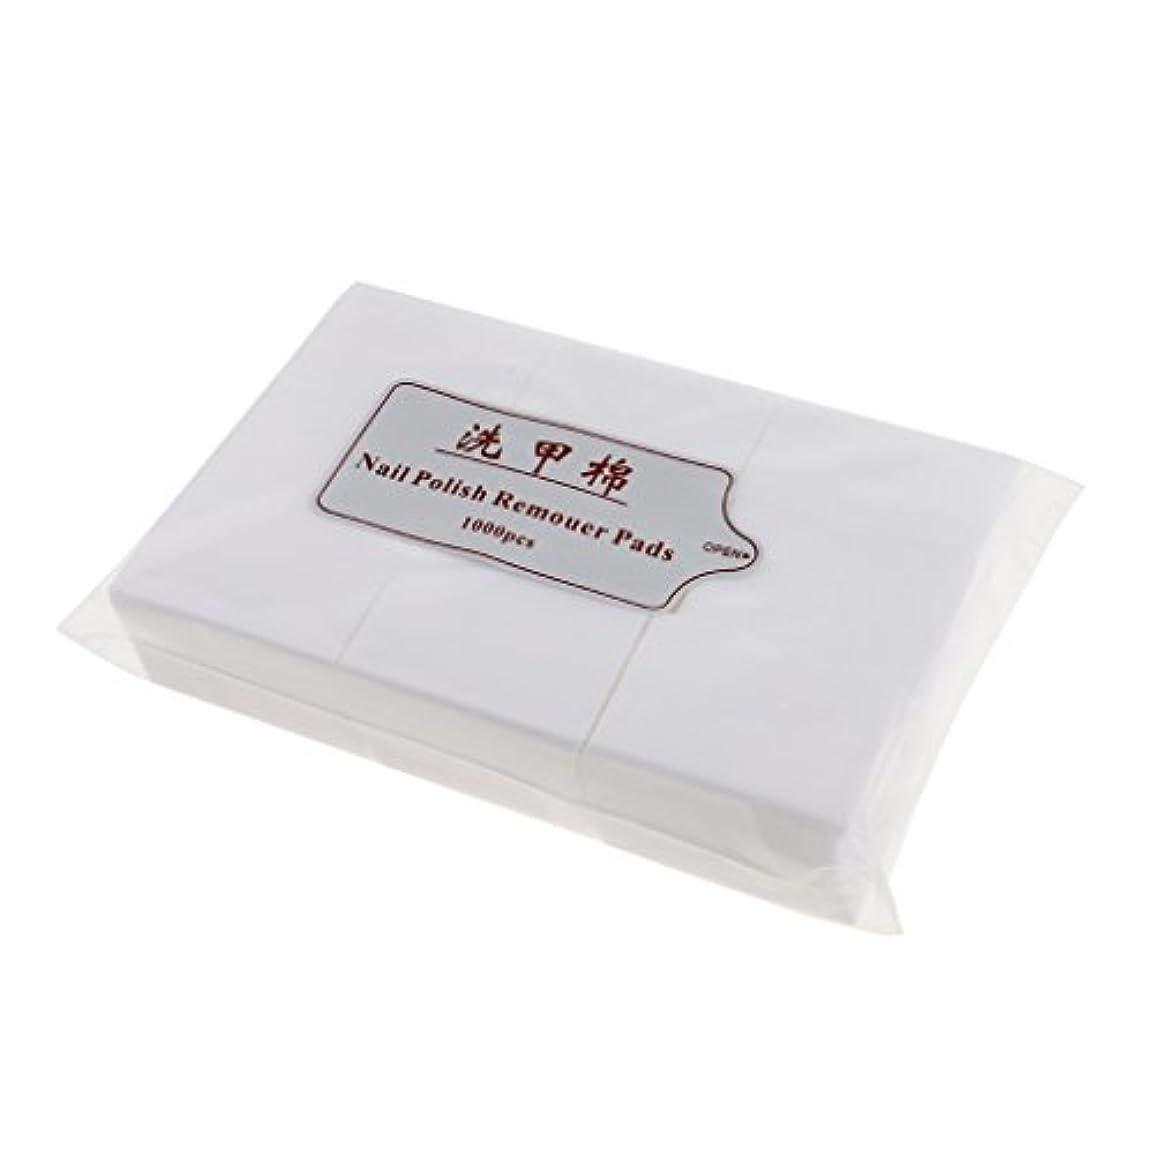 ポテト折り目リーンPerfk 約1000個 ネイルコットンパッド ネイルアートチップ パッド紙 マニキュア 吸水性 衛生的 ネイルサロン